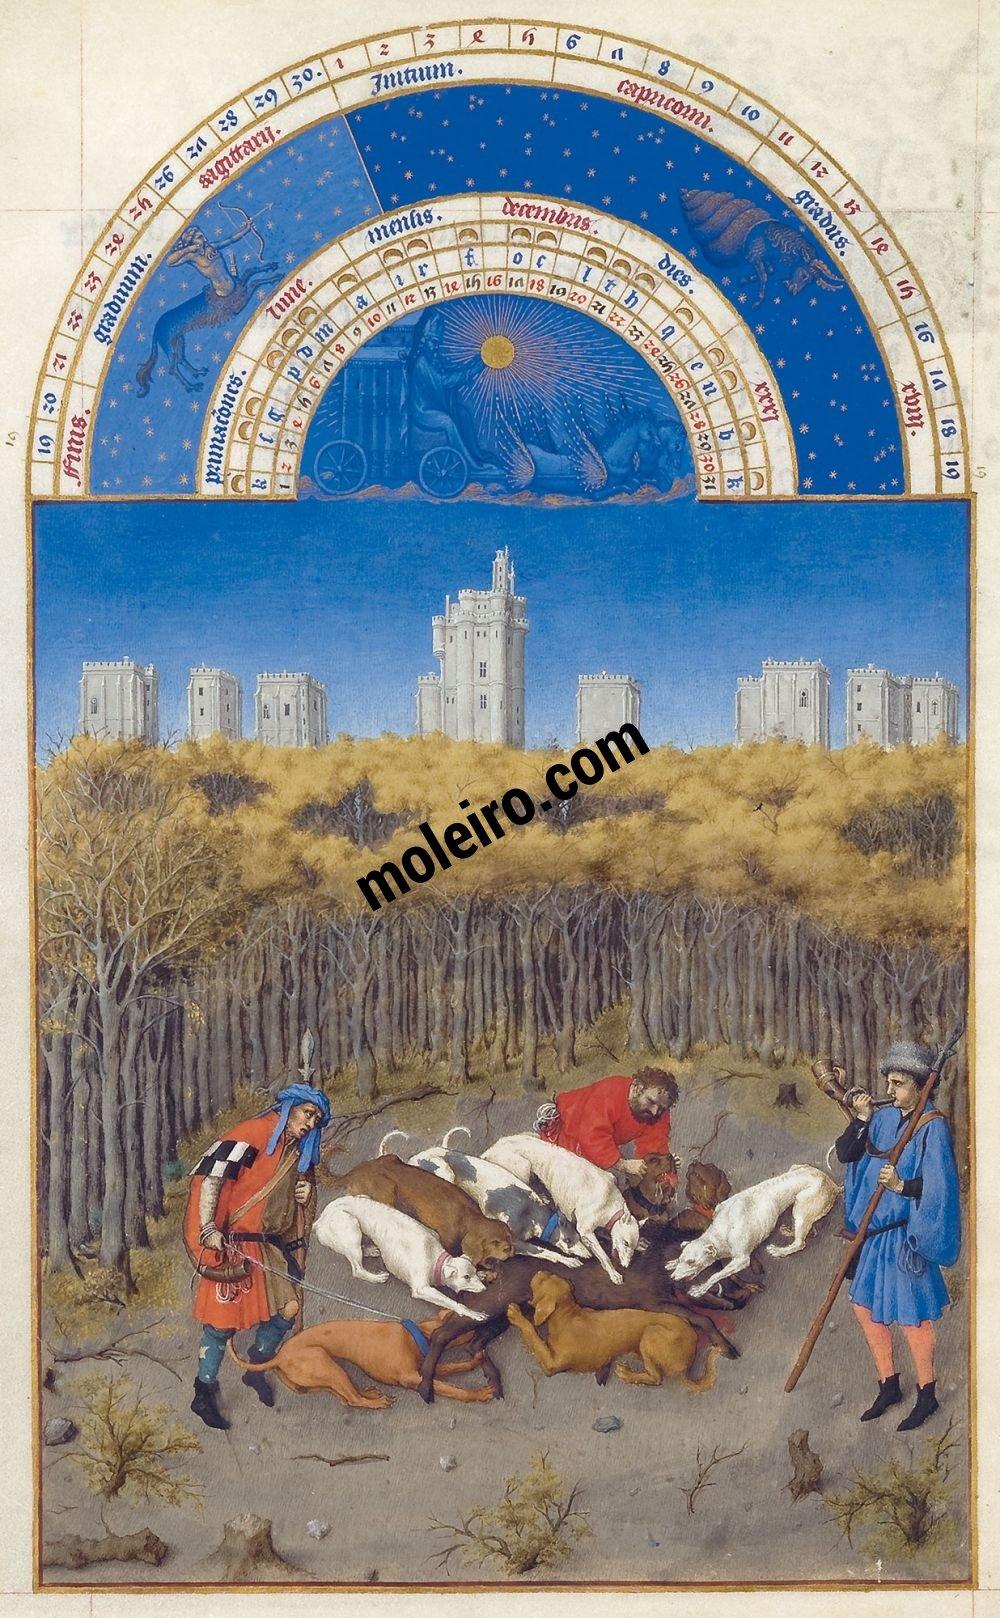 The Très Riches Heures du Duc de Berry Fol. 12v - December